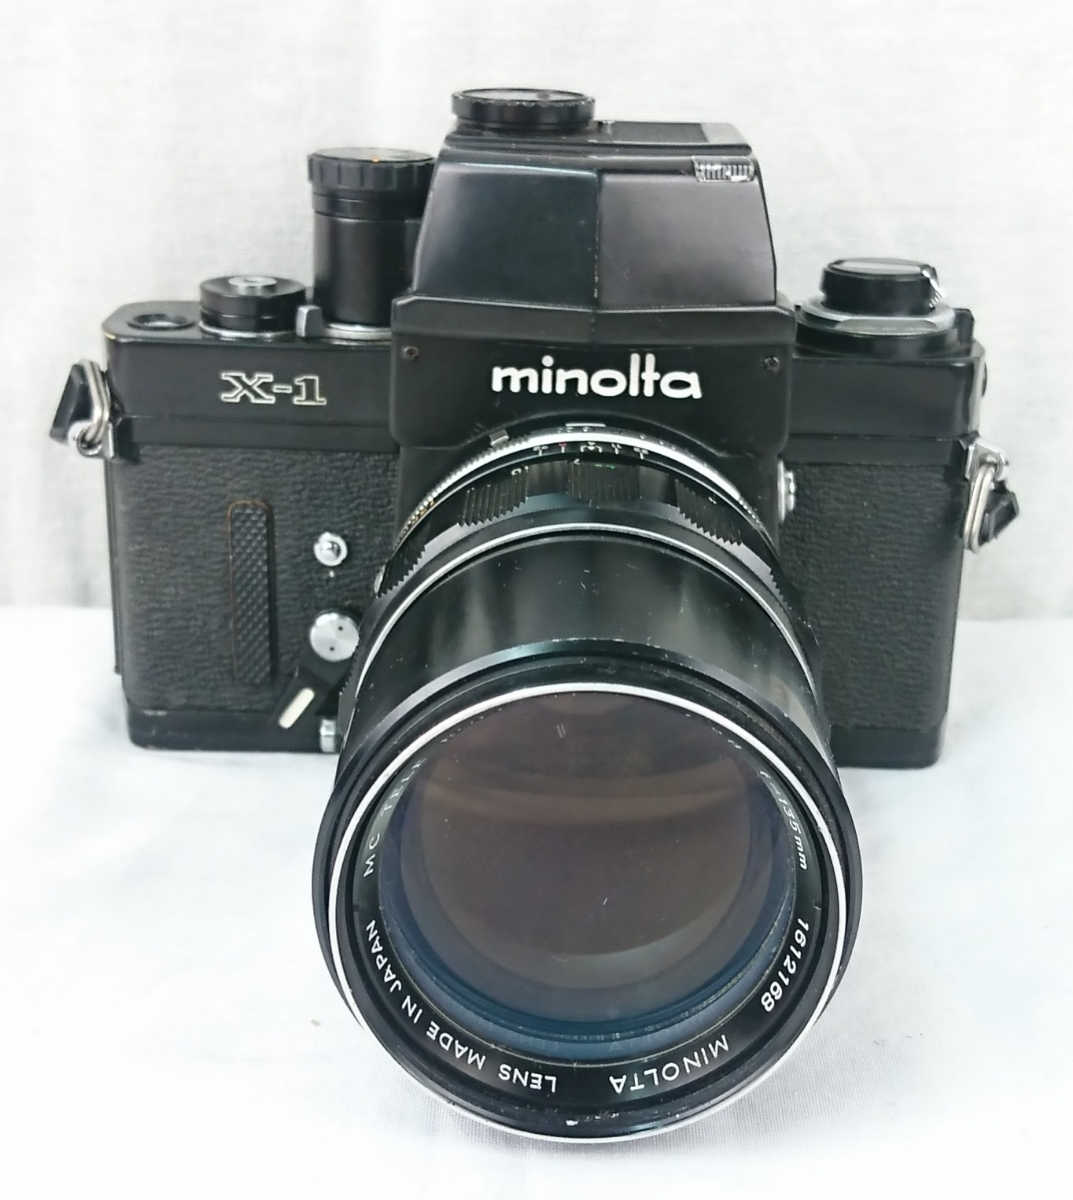 【GK-542】 名機! MINOLTA ミノルタ X-1 一眼レフ フィルムカメラ MC TELE ROKKOR-PF 1:2.8 f=135mm/ MC FISH-EYE ROKKOR-OK 1:2.8 f=16mm _画像2